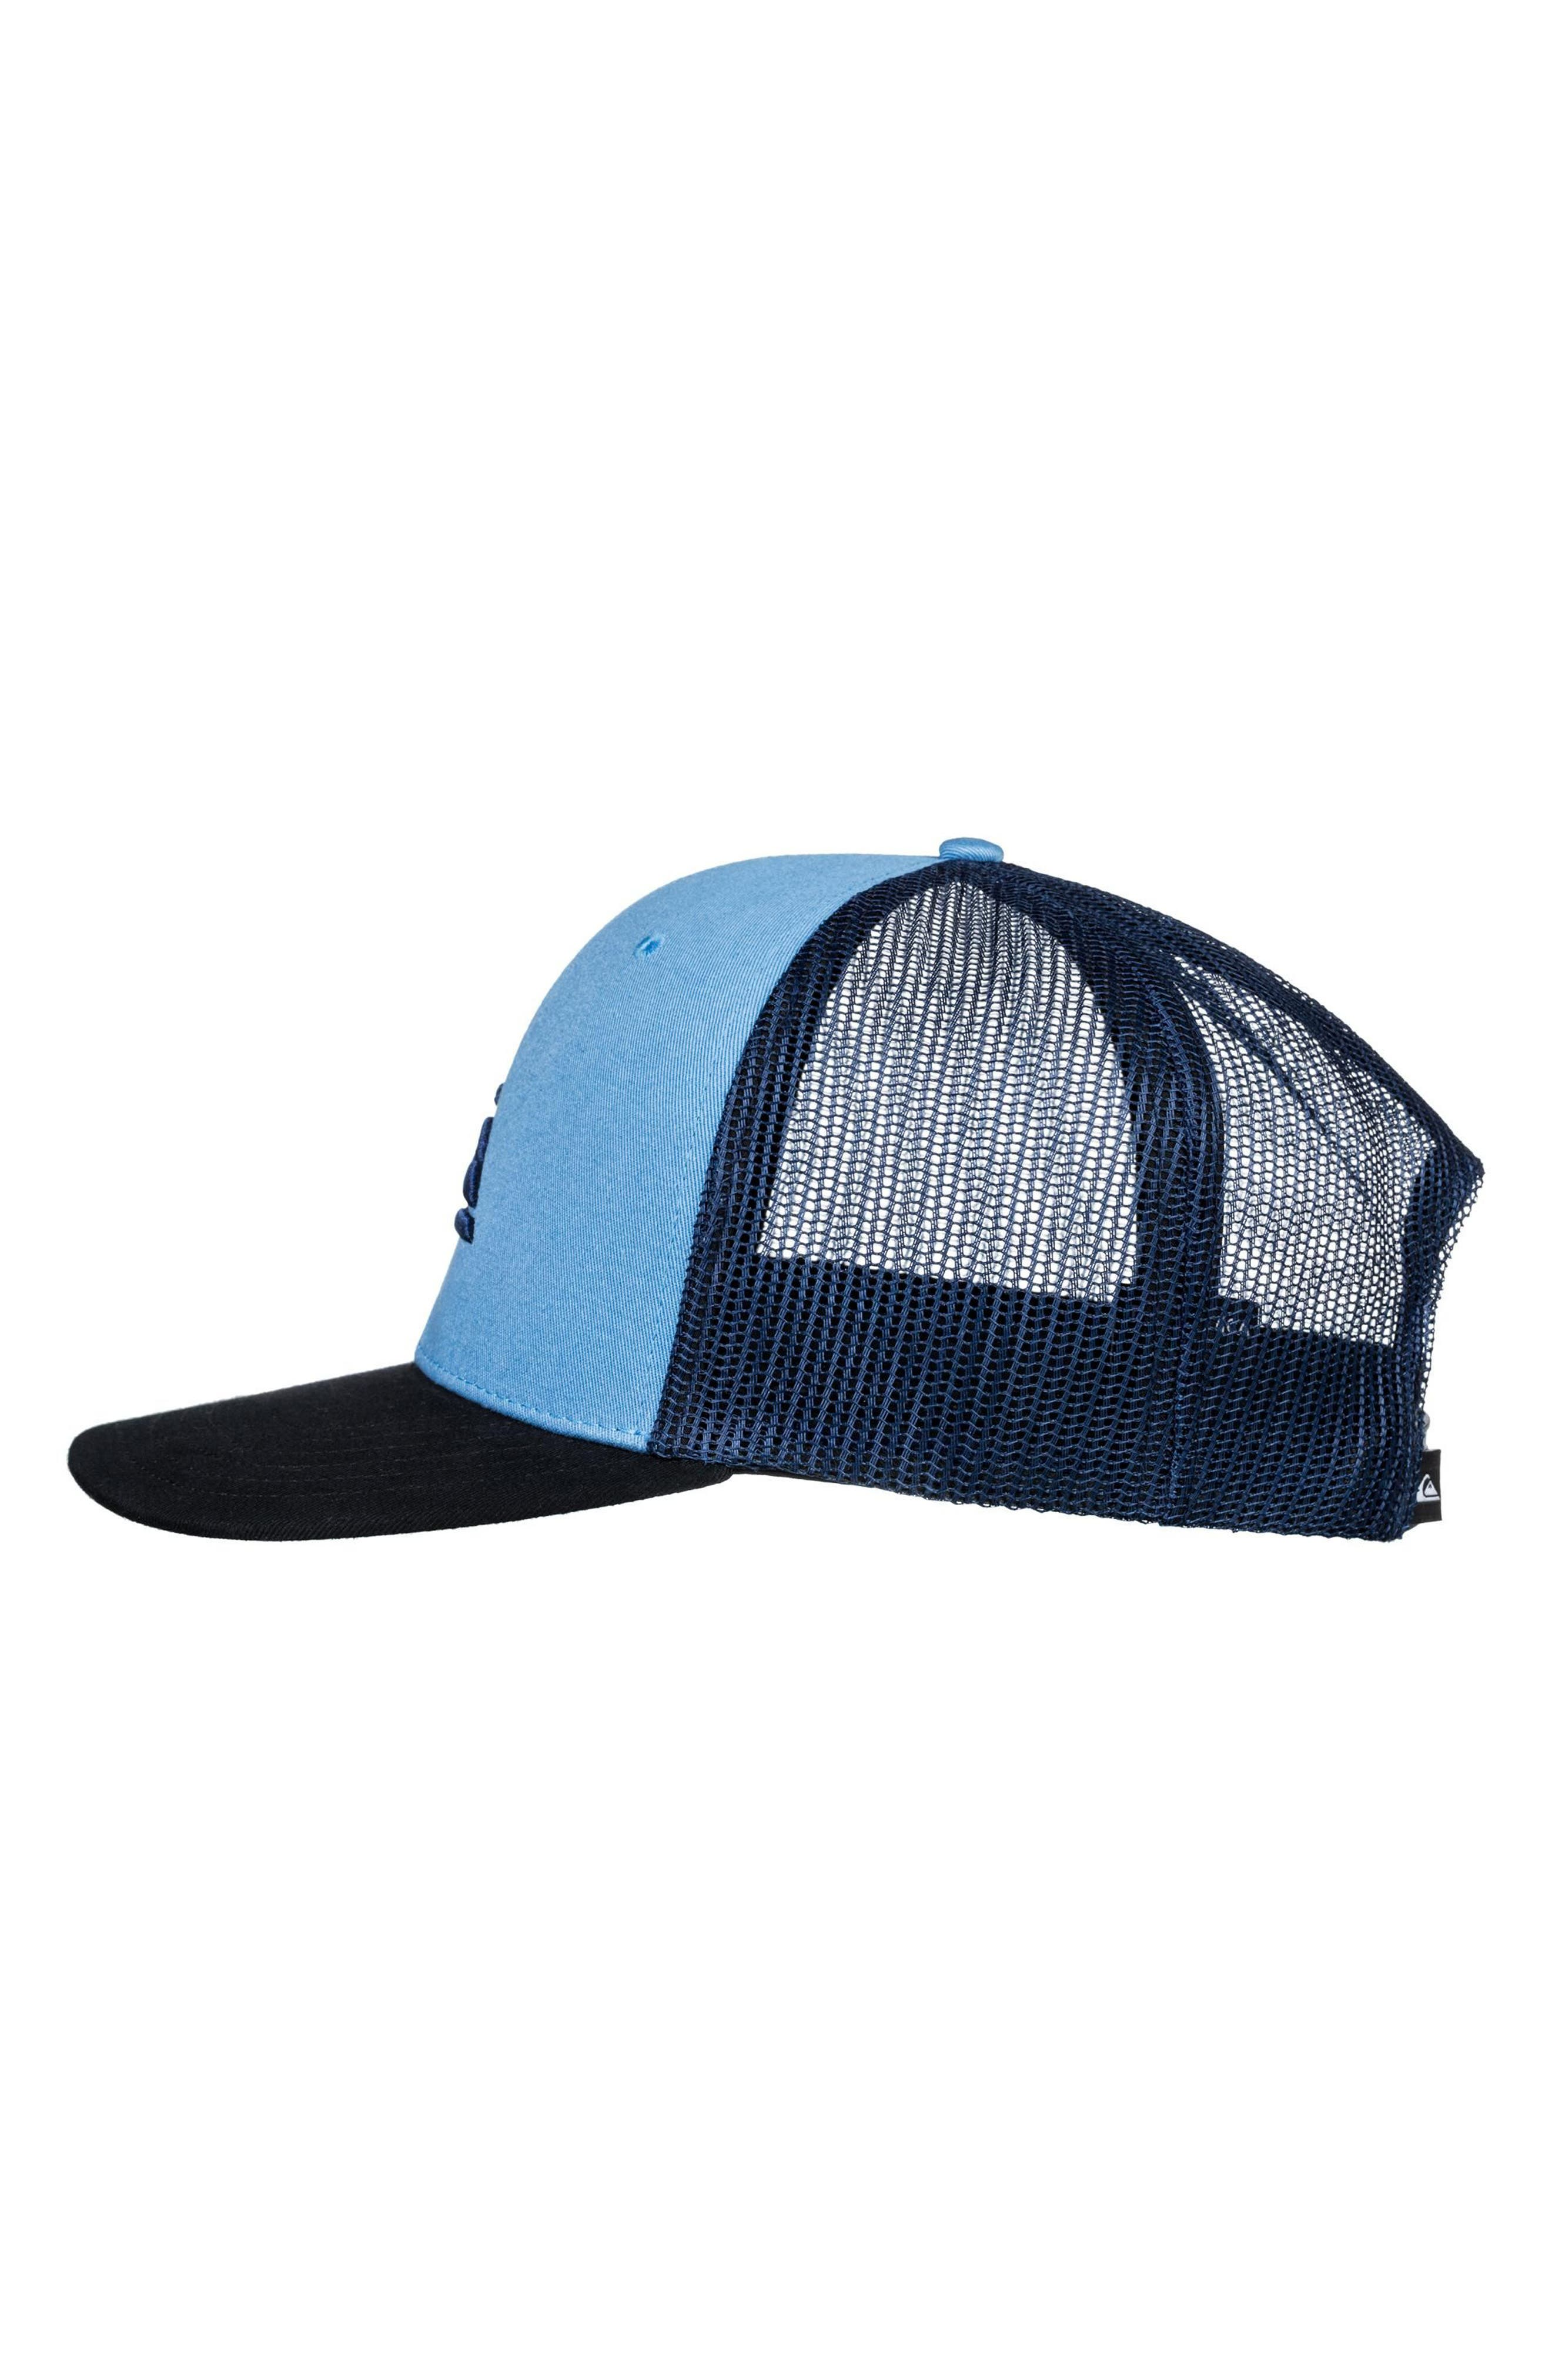 Grounder Trucker Hat,                             Alternate thumbnail 3, color,                             Dusk Blue